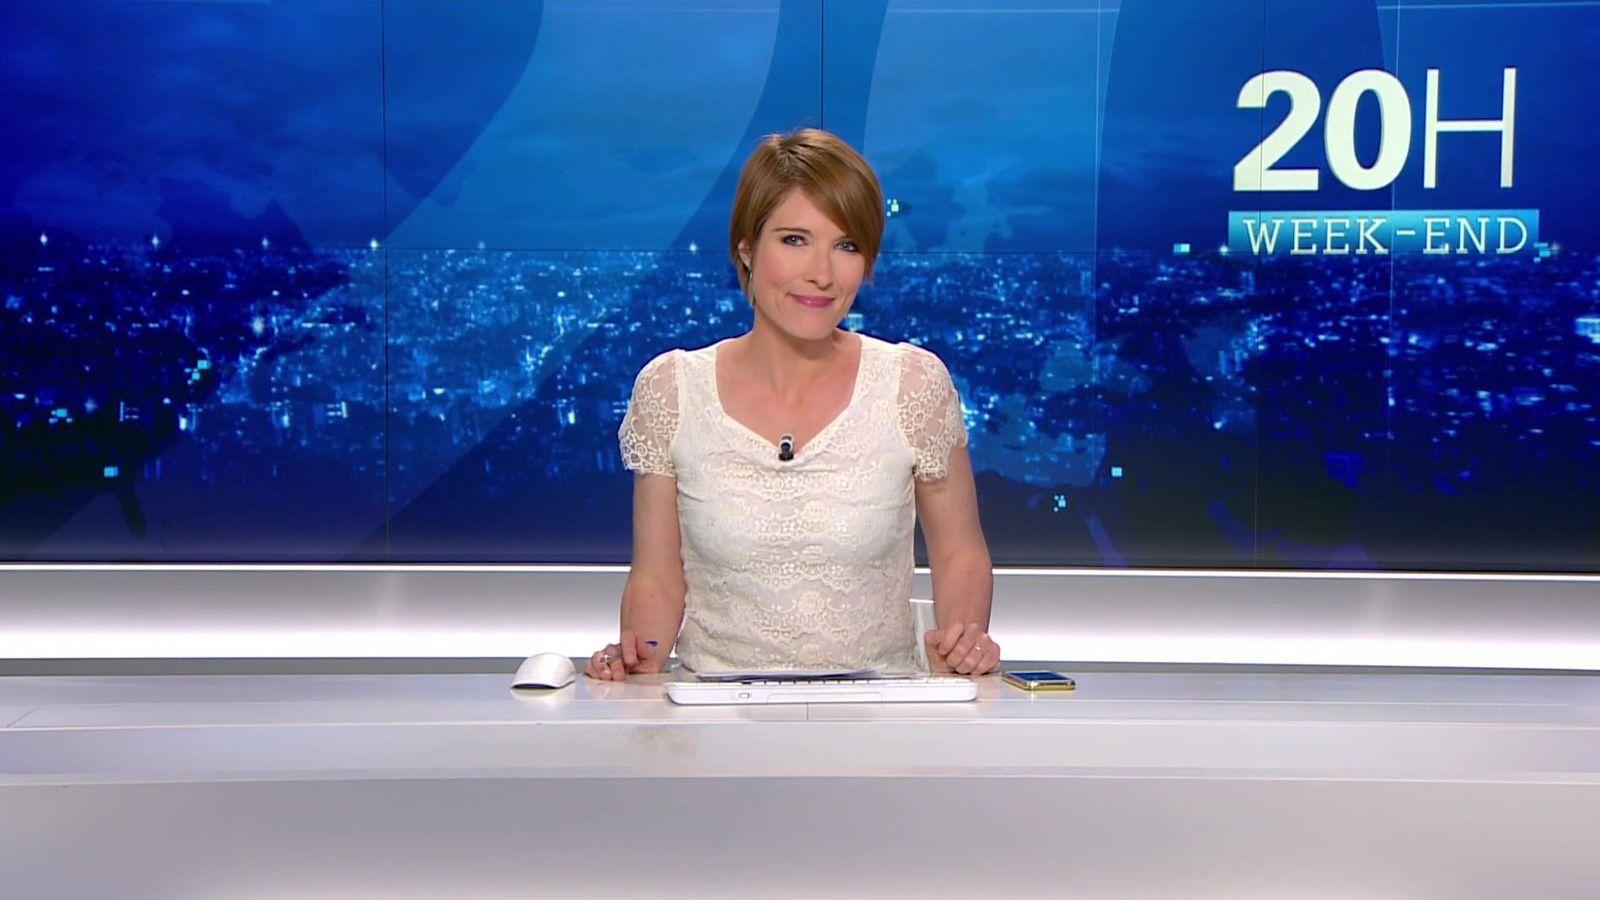 📸5 LUCIE NUTTIN @LucieNuttin @JohannaCarlosD8 ce soir @bfmtv #vuesalatele